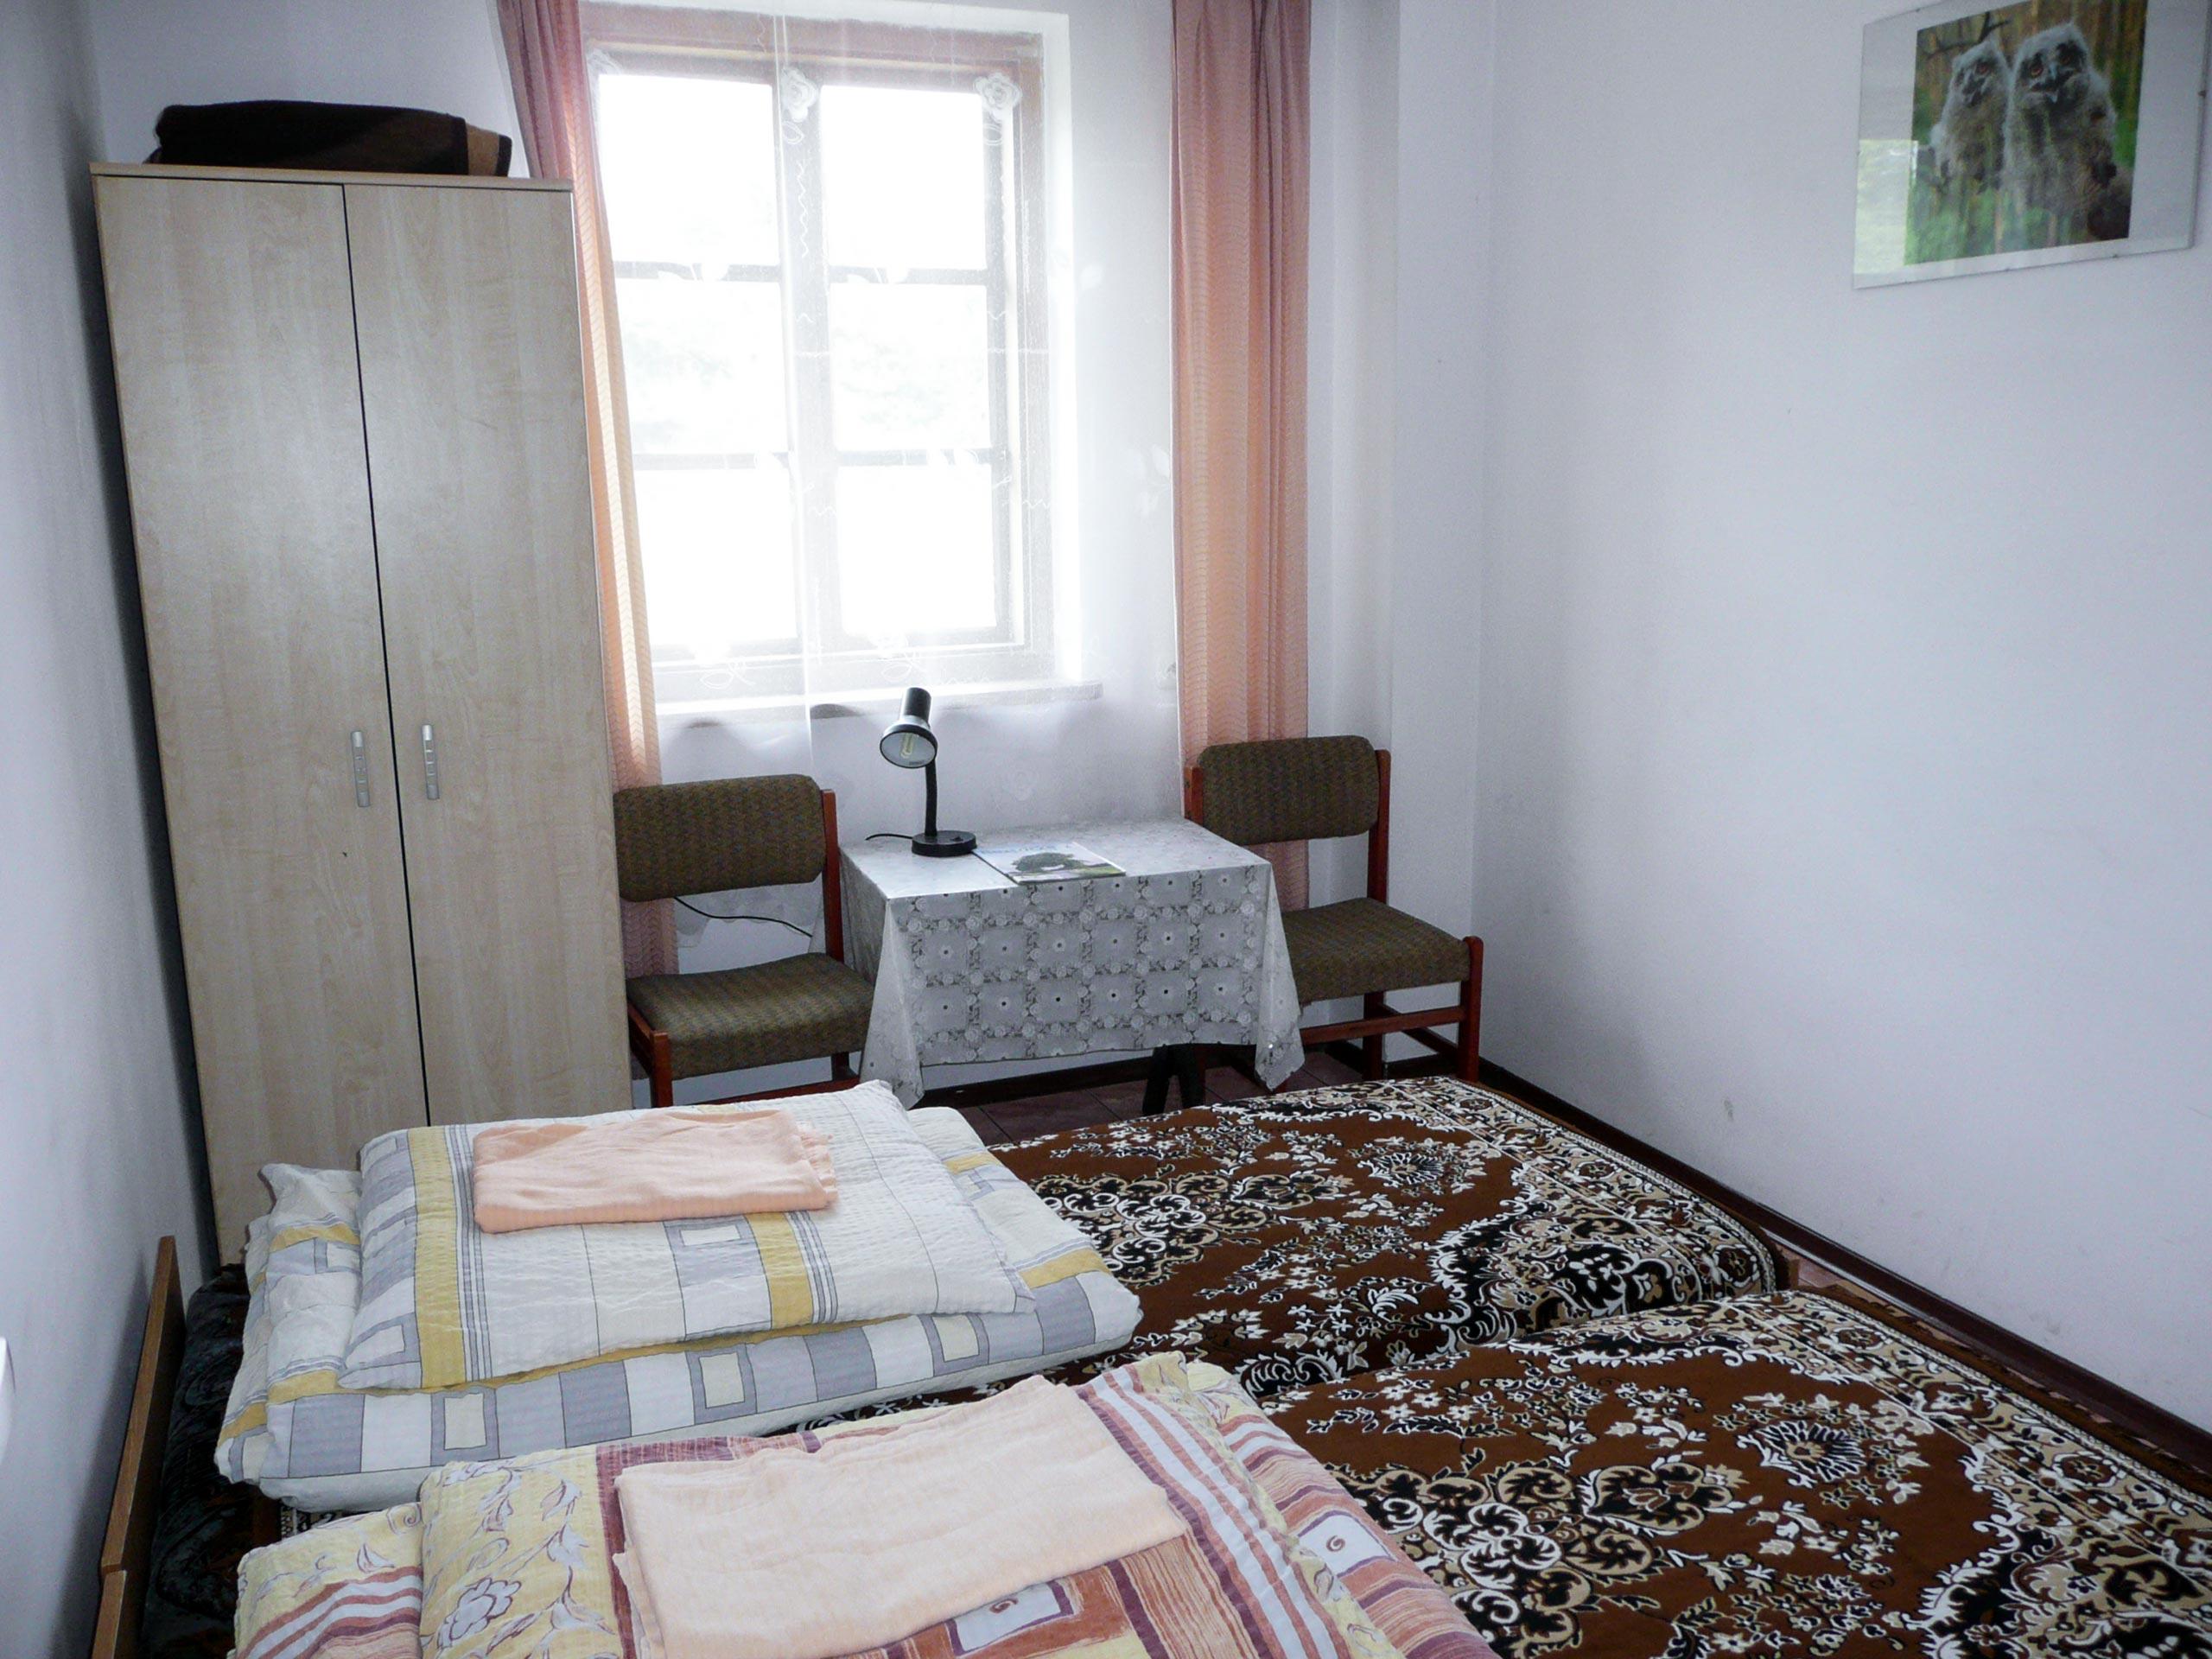 domy zwierzyniec roztocze - dom na sprzedaż - Krzysztof Górski Nieruchomości Zamość